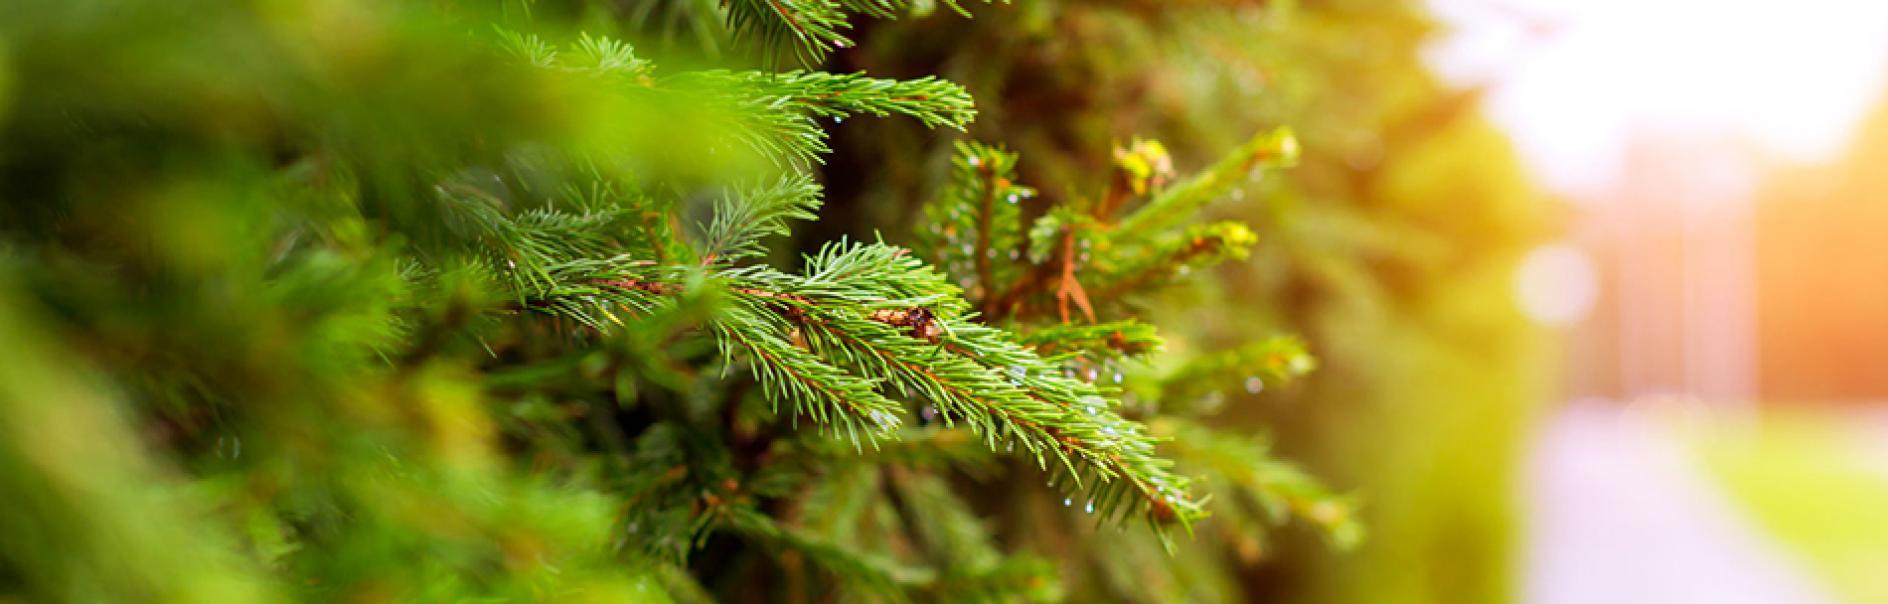 Koniferen Schneiden koniferen schneiden